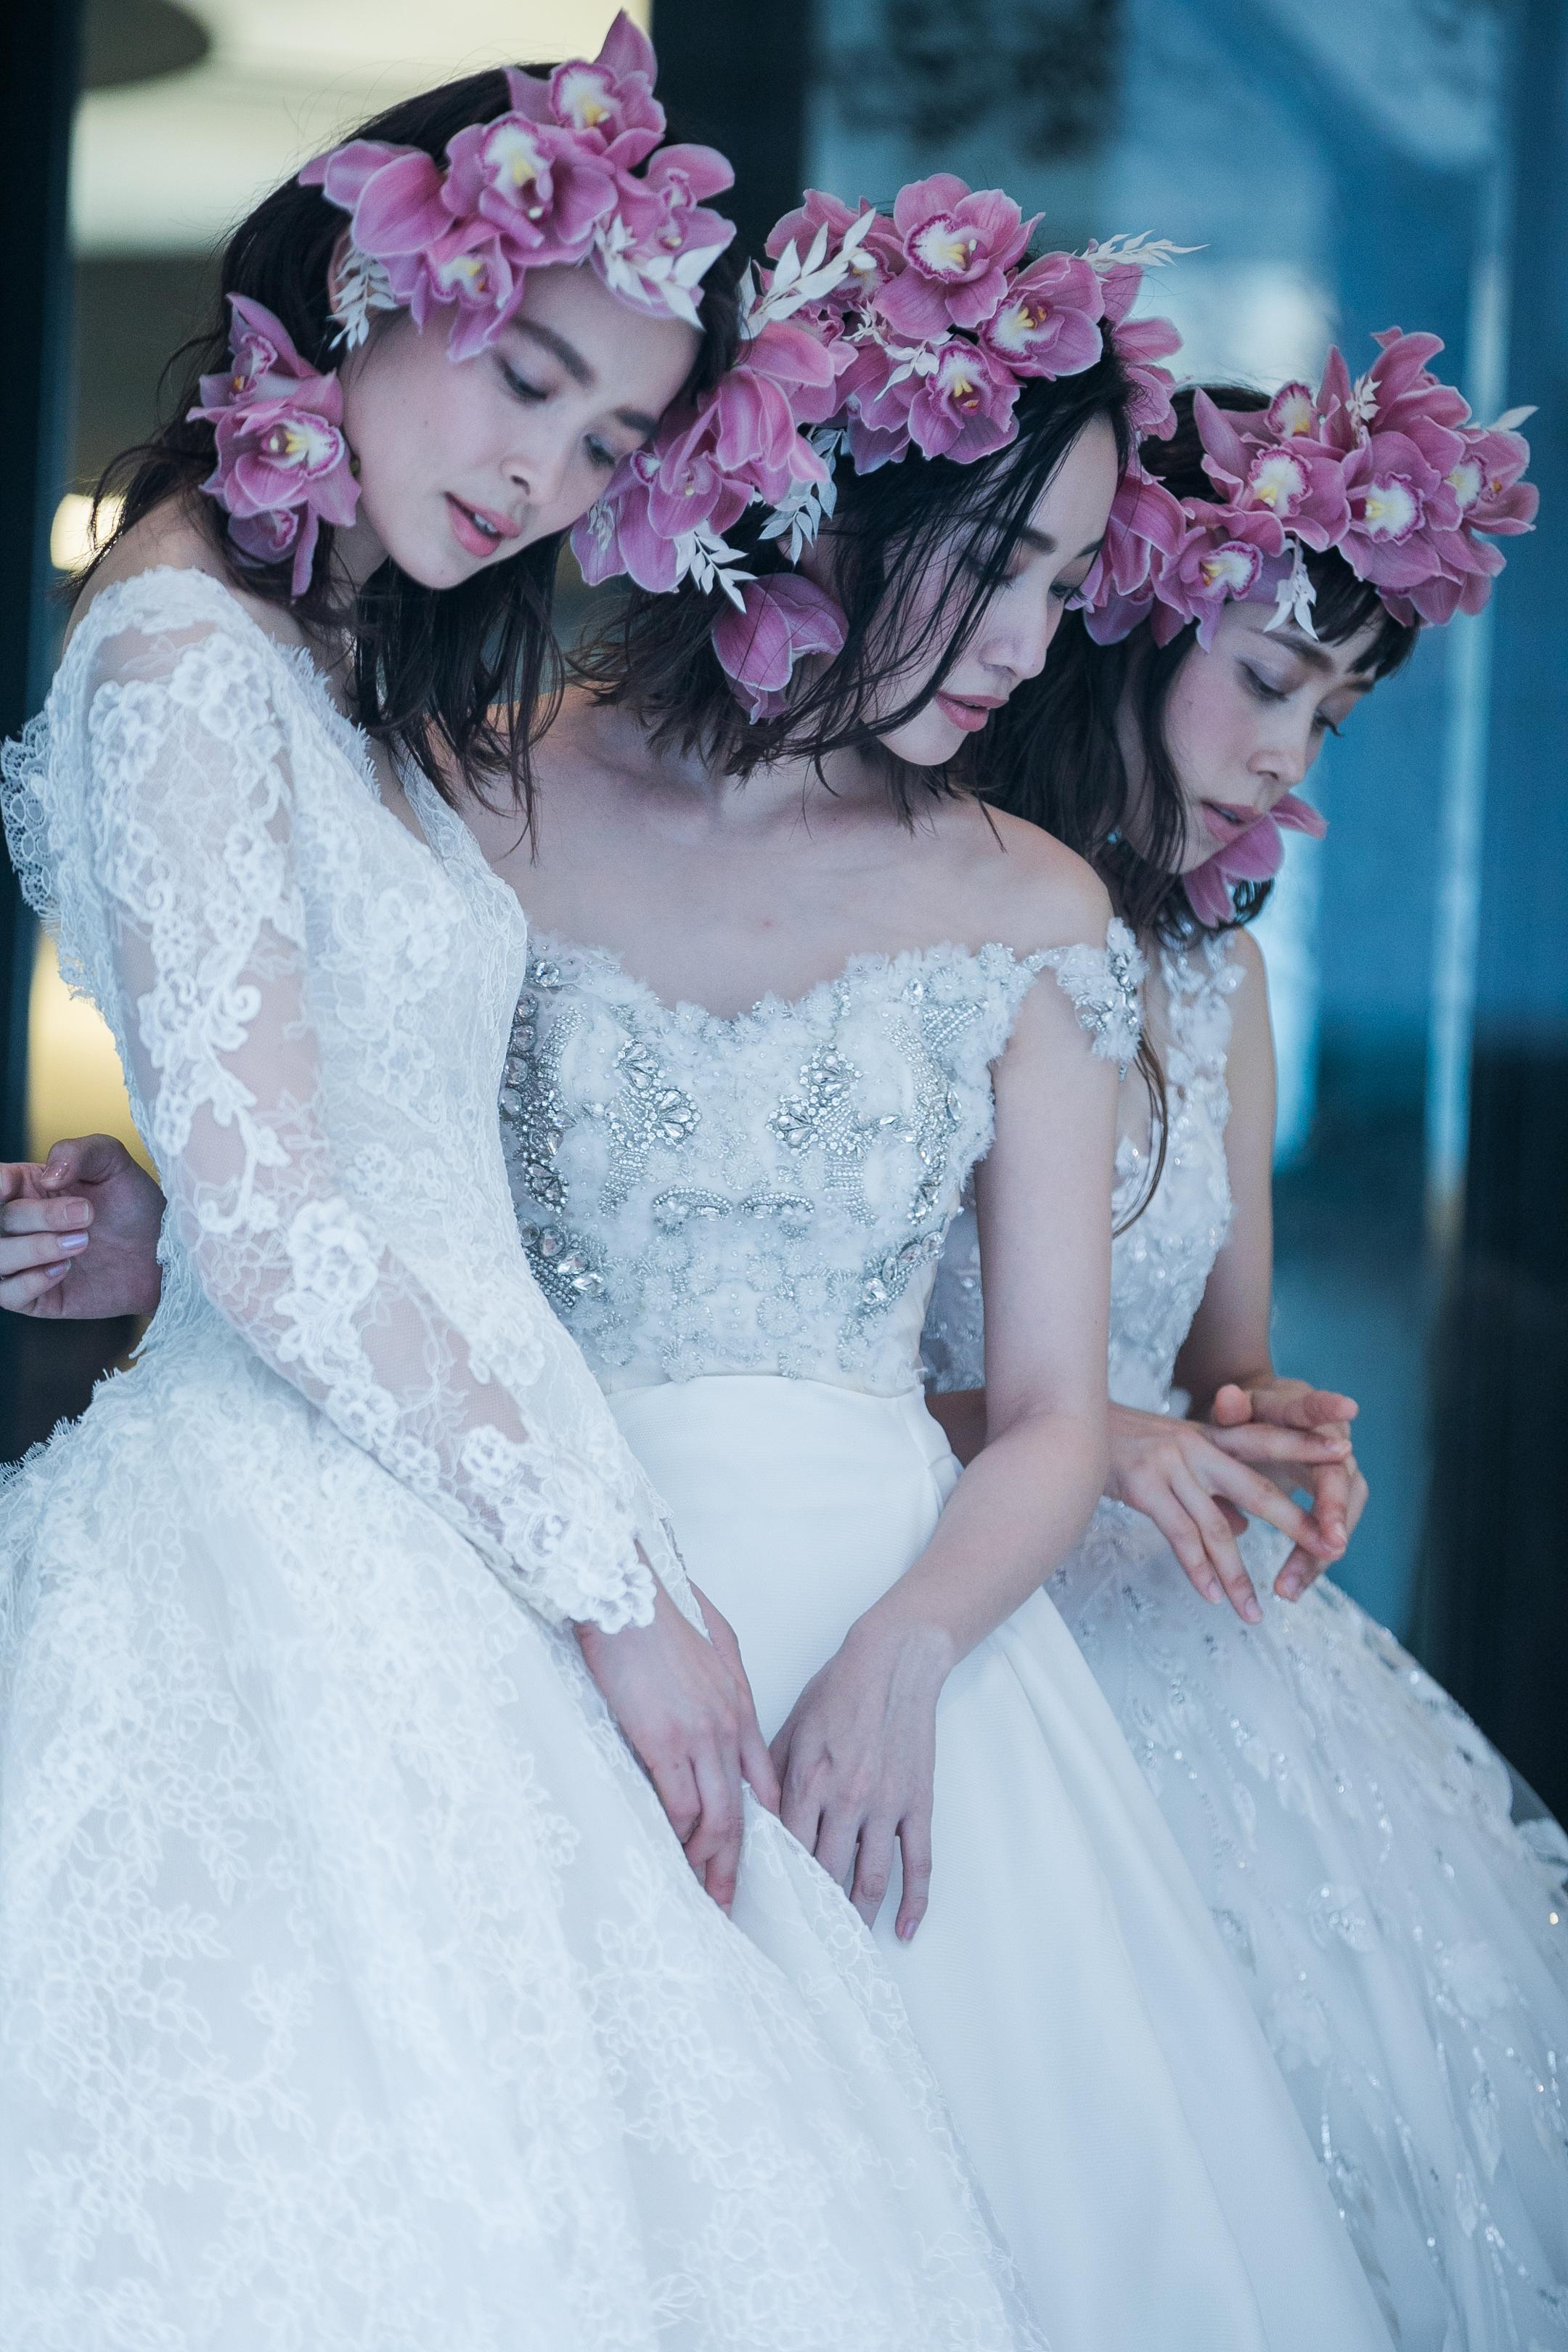 【福岡・九州の花嫁様へ】10月27日 JUNO天神本店9th Anniversary メインイベント開催のお知らせ